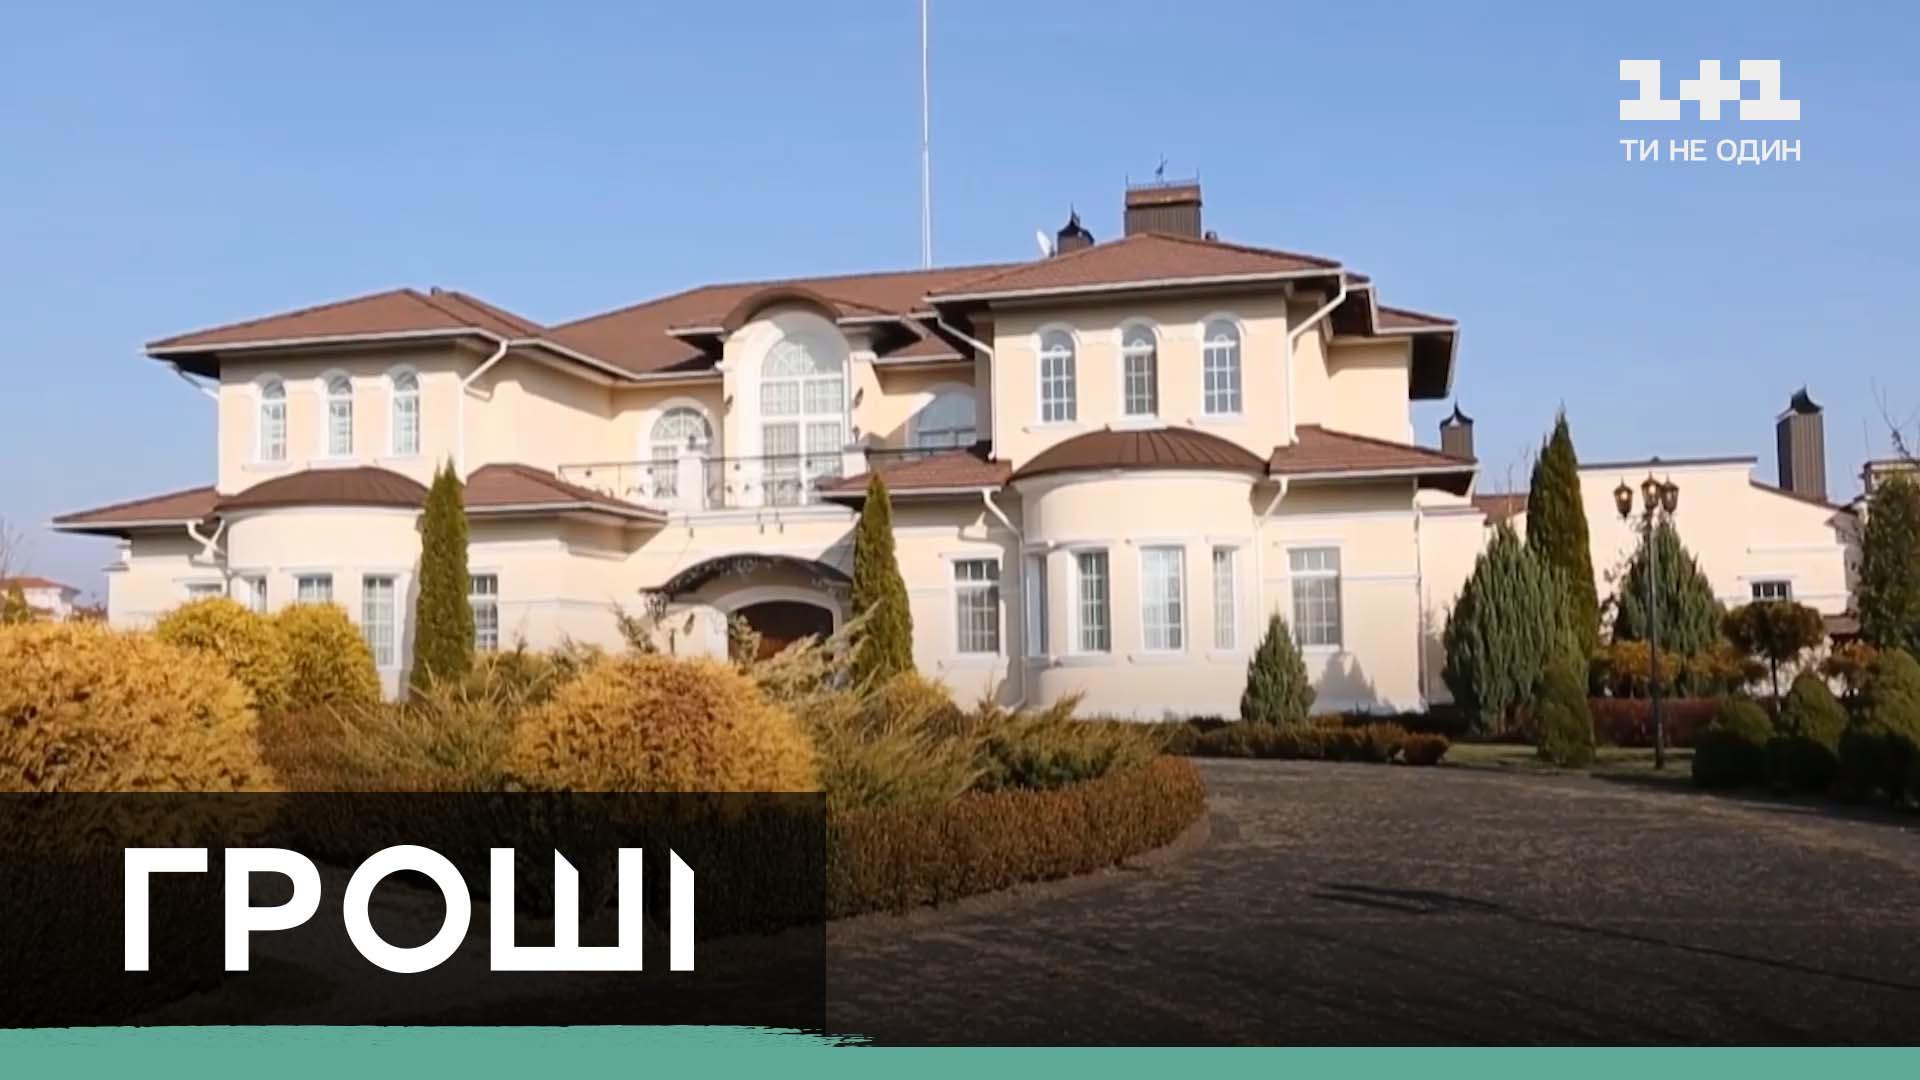 Где живет элита - журналисты показали самые дорогие дома Козина — Новости Киева —